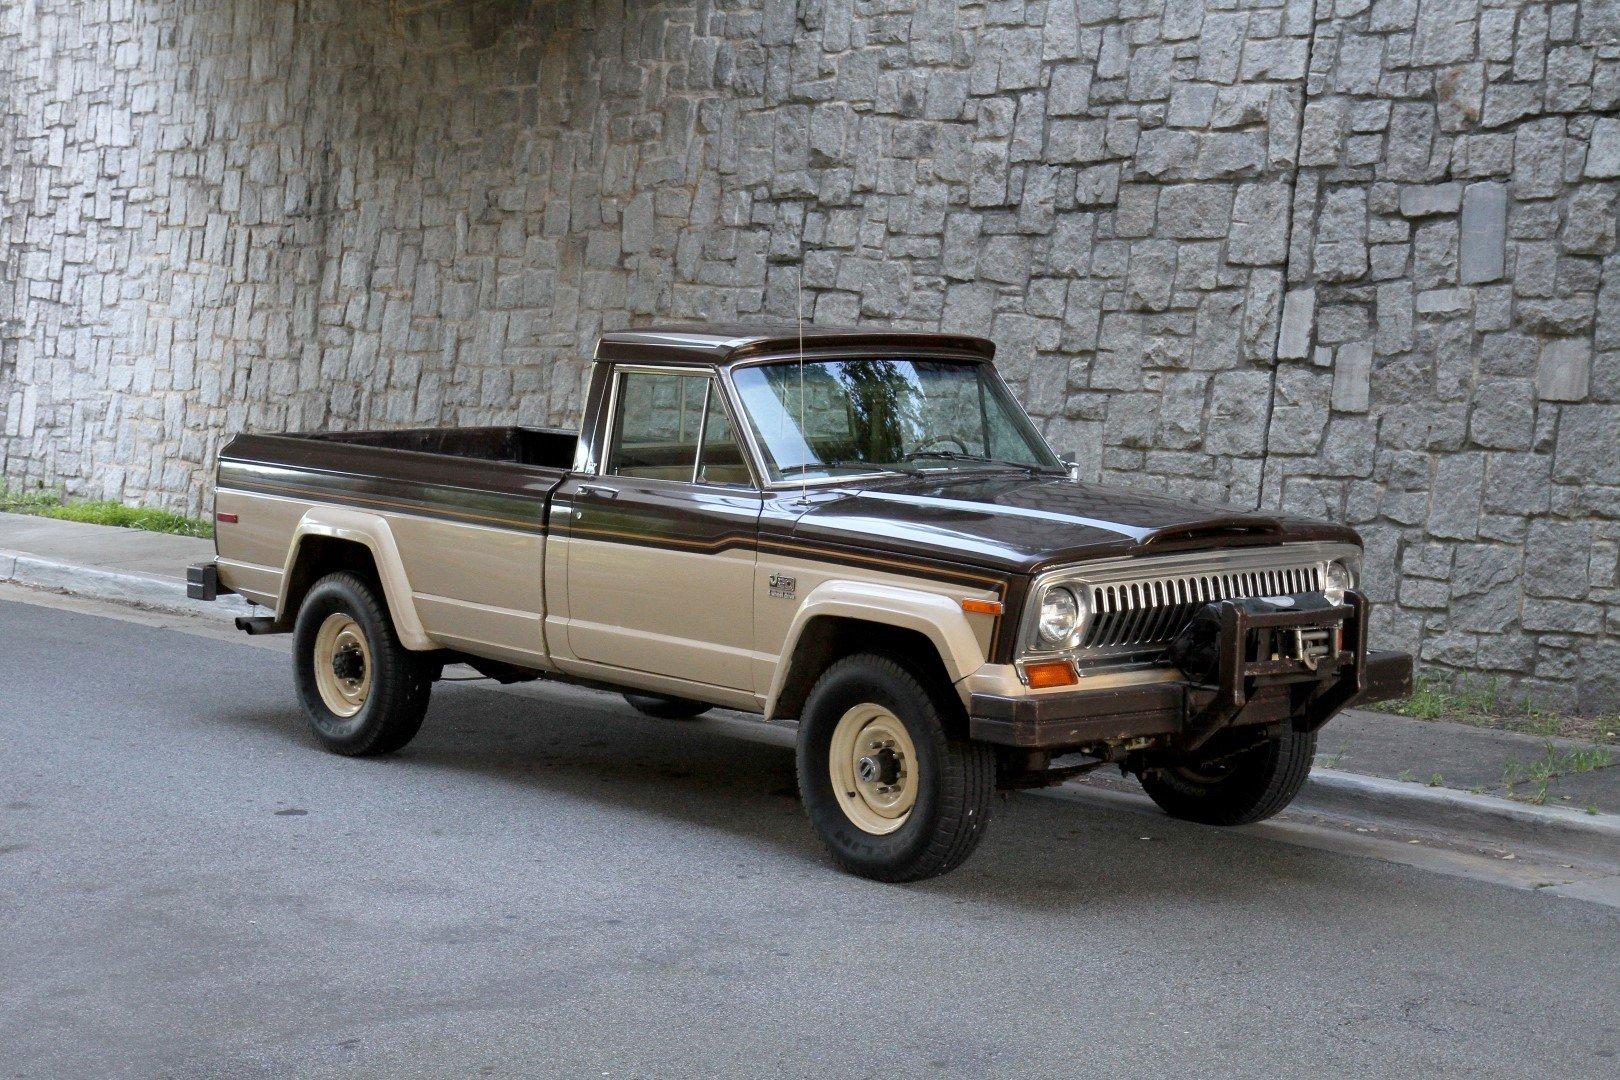 1978 jeep j20 4x4 pickup